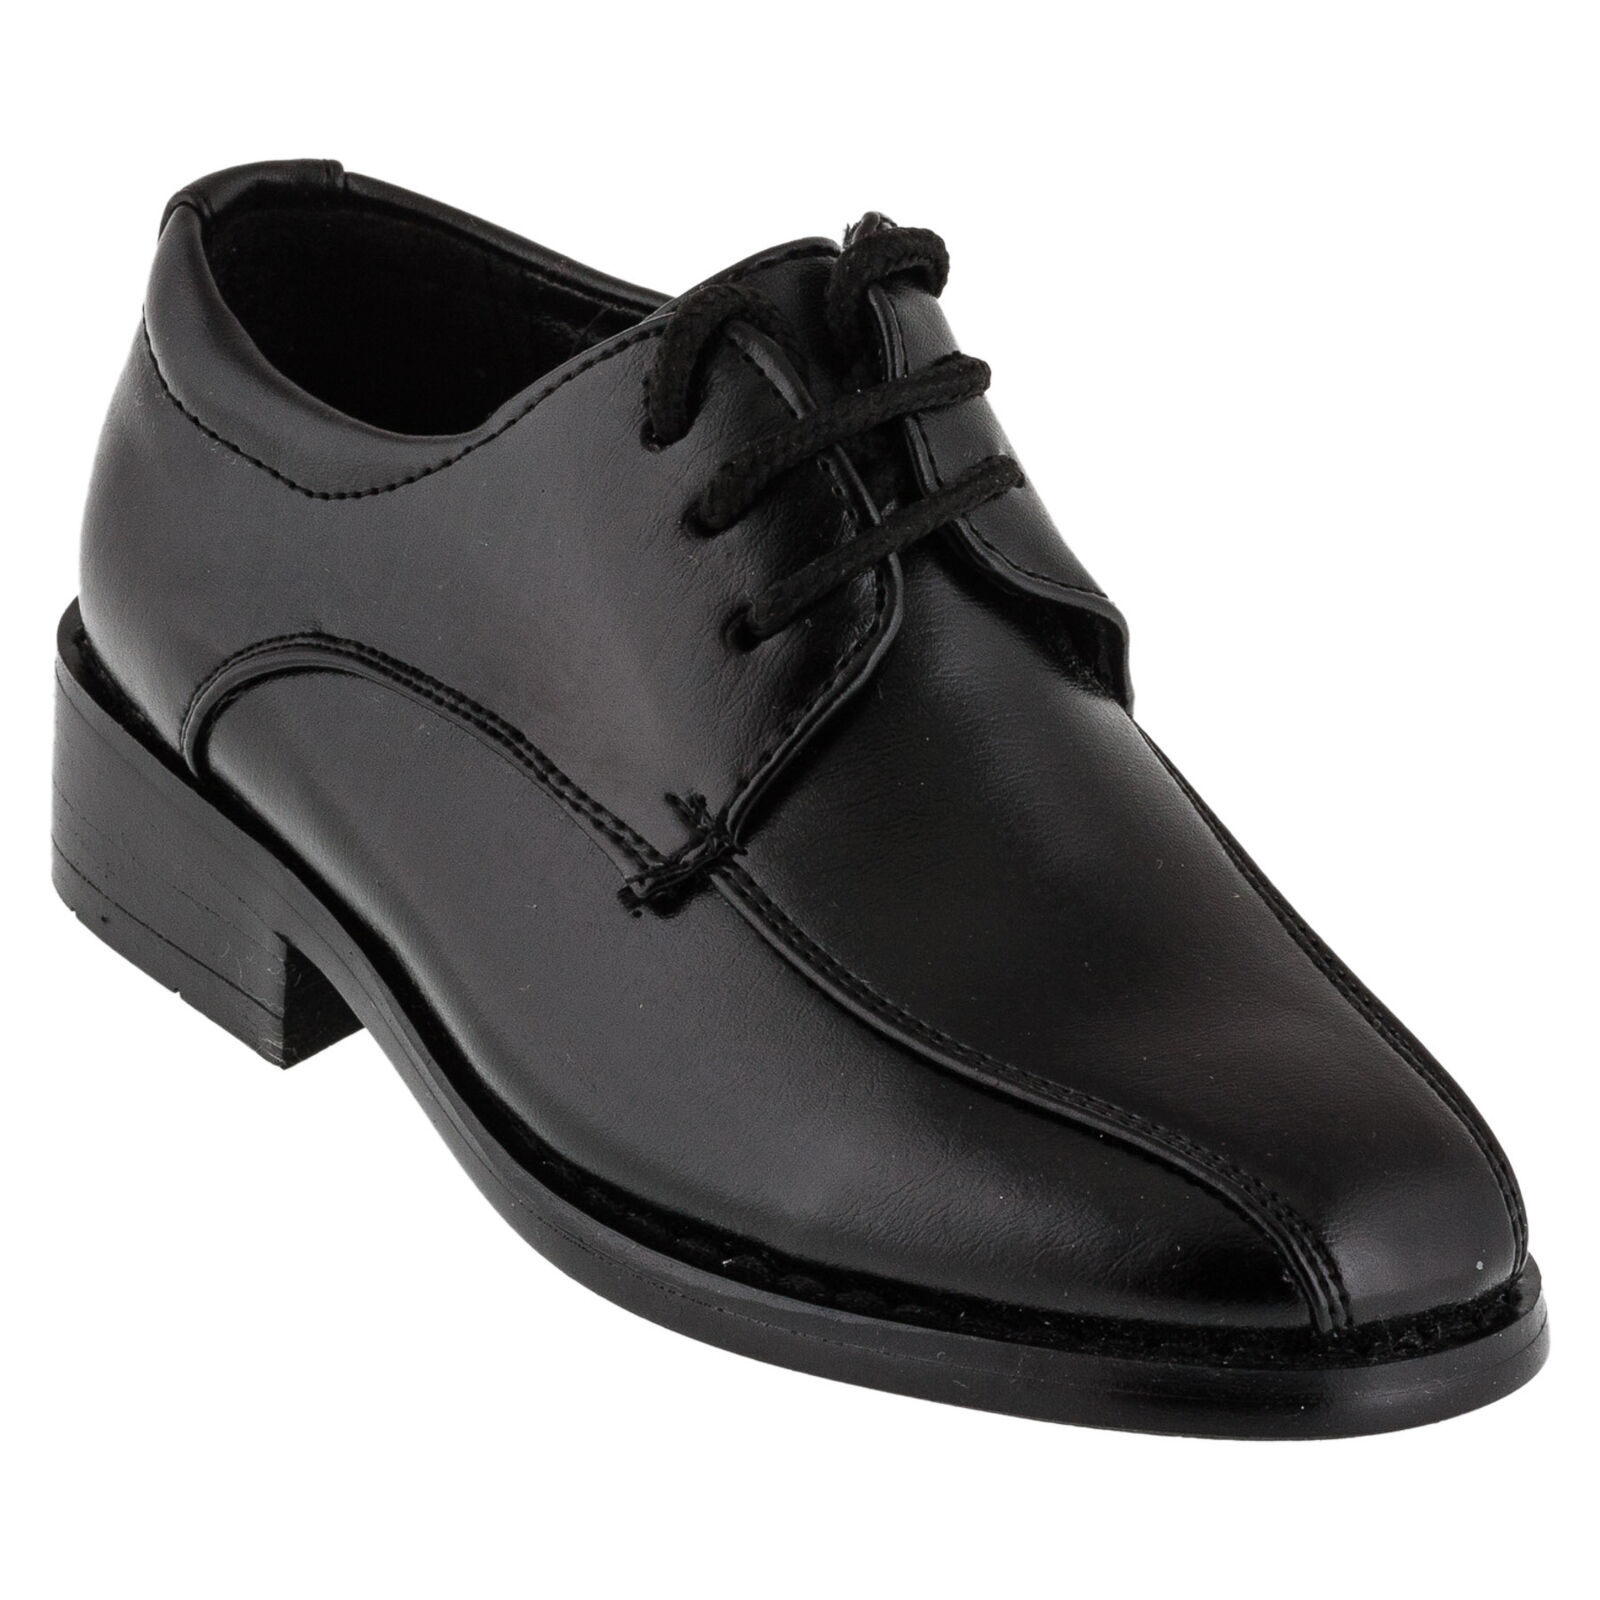 Innen Leder festliche Kinder Anzug Fest Schuhe Hochzeit Jungen Schnürschuhe NEU